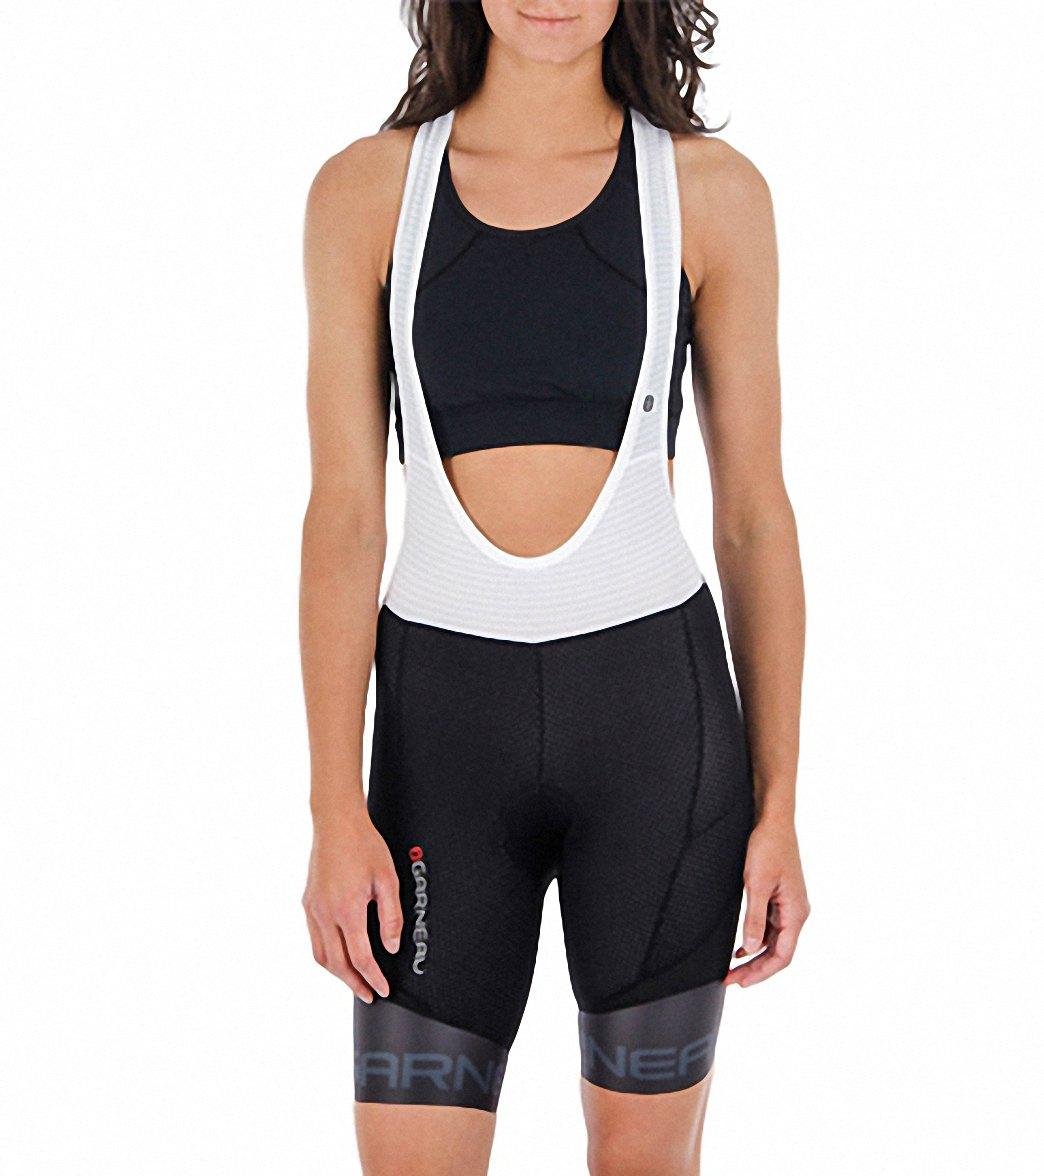 c5b6ce0e4 Louis Garneau Women s Mondo Evo Cycling Bib Short at SwimOutlet.com - Free  Shipping